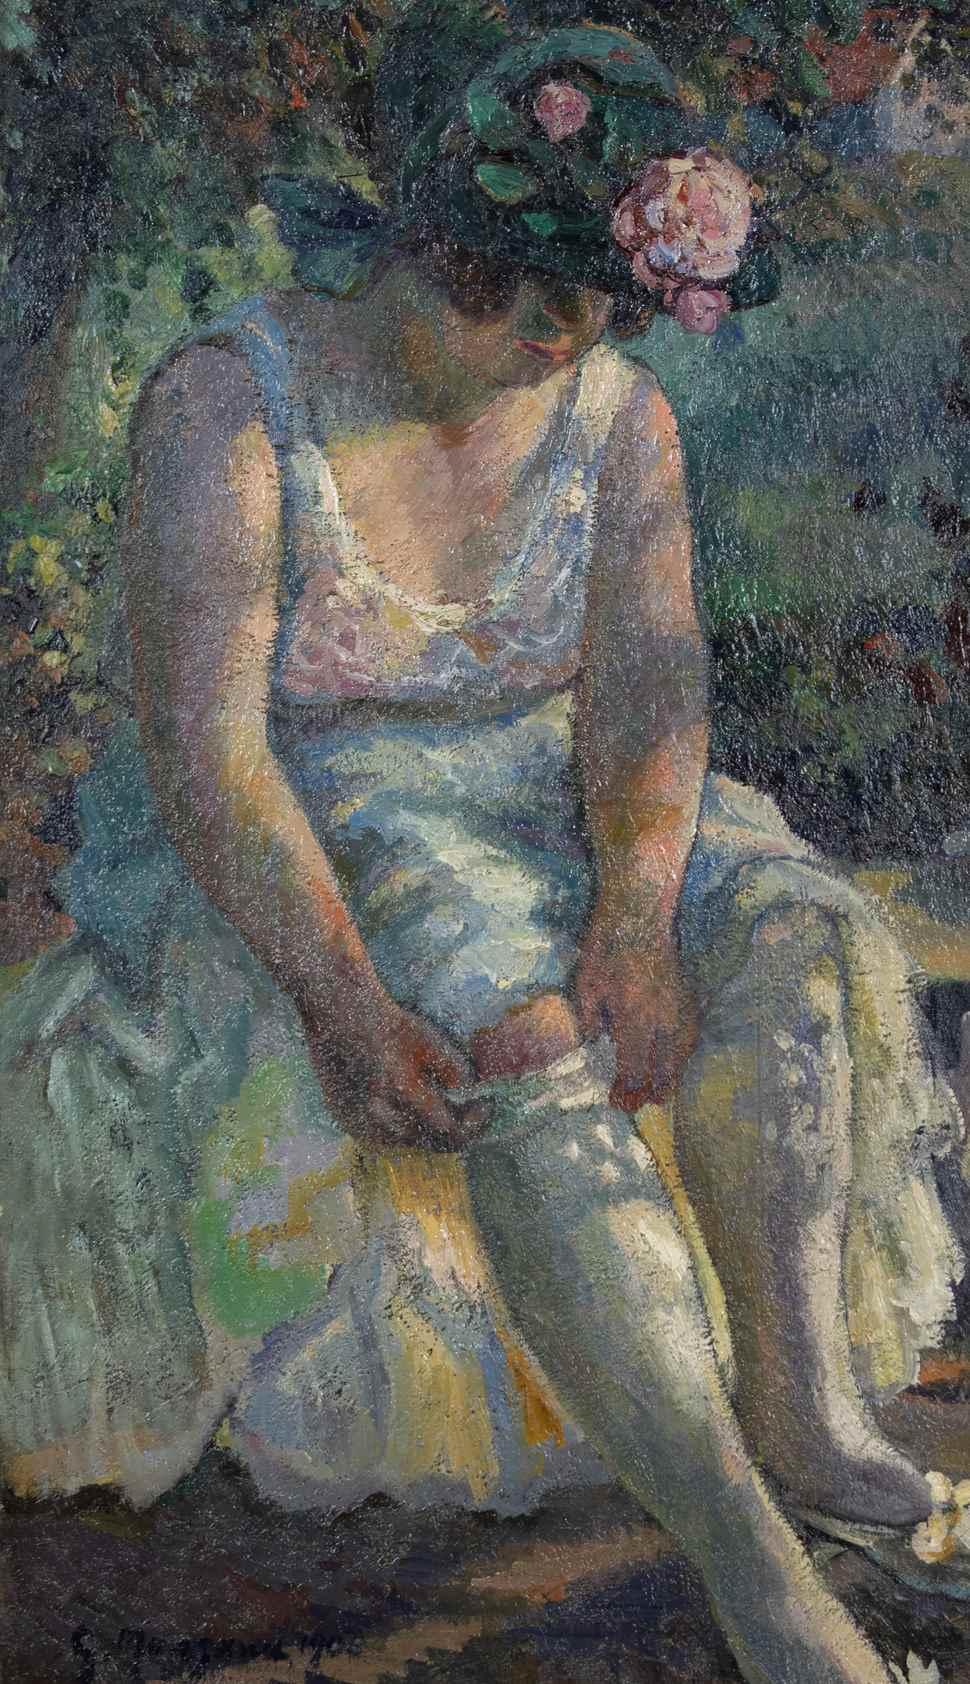 Femme Mettant son Bas - Georges Manzana Pissarro (1871 - 1961)